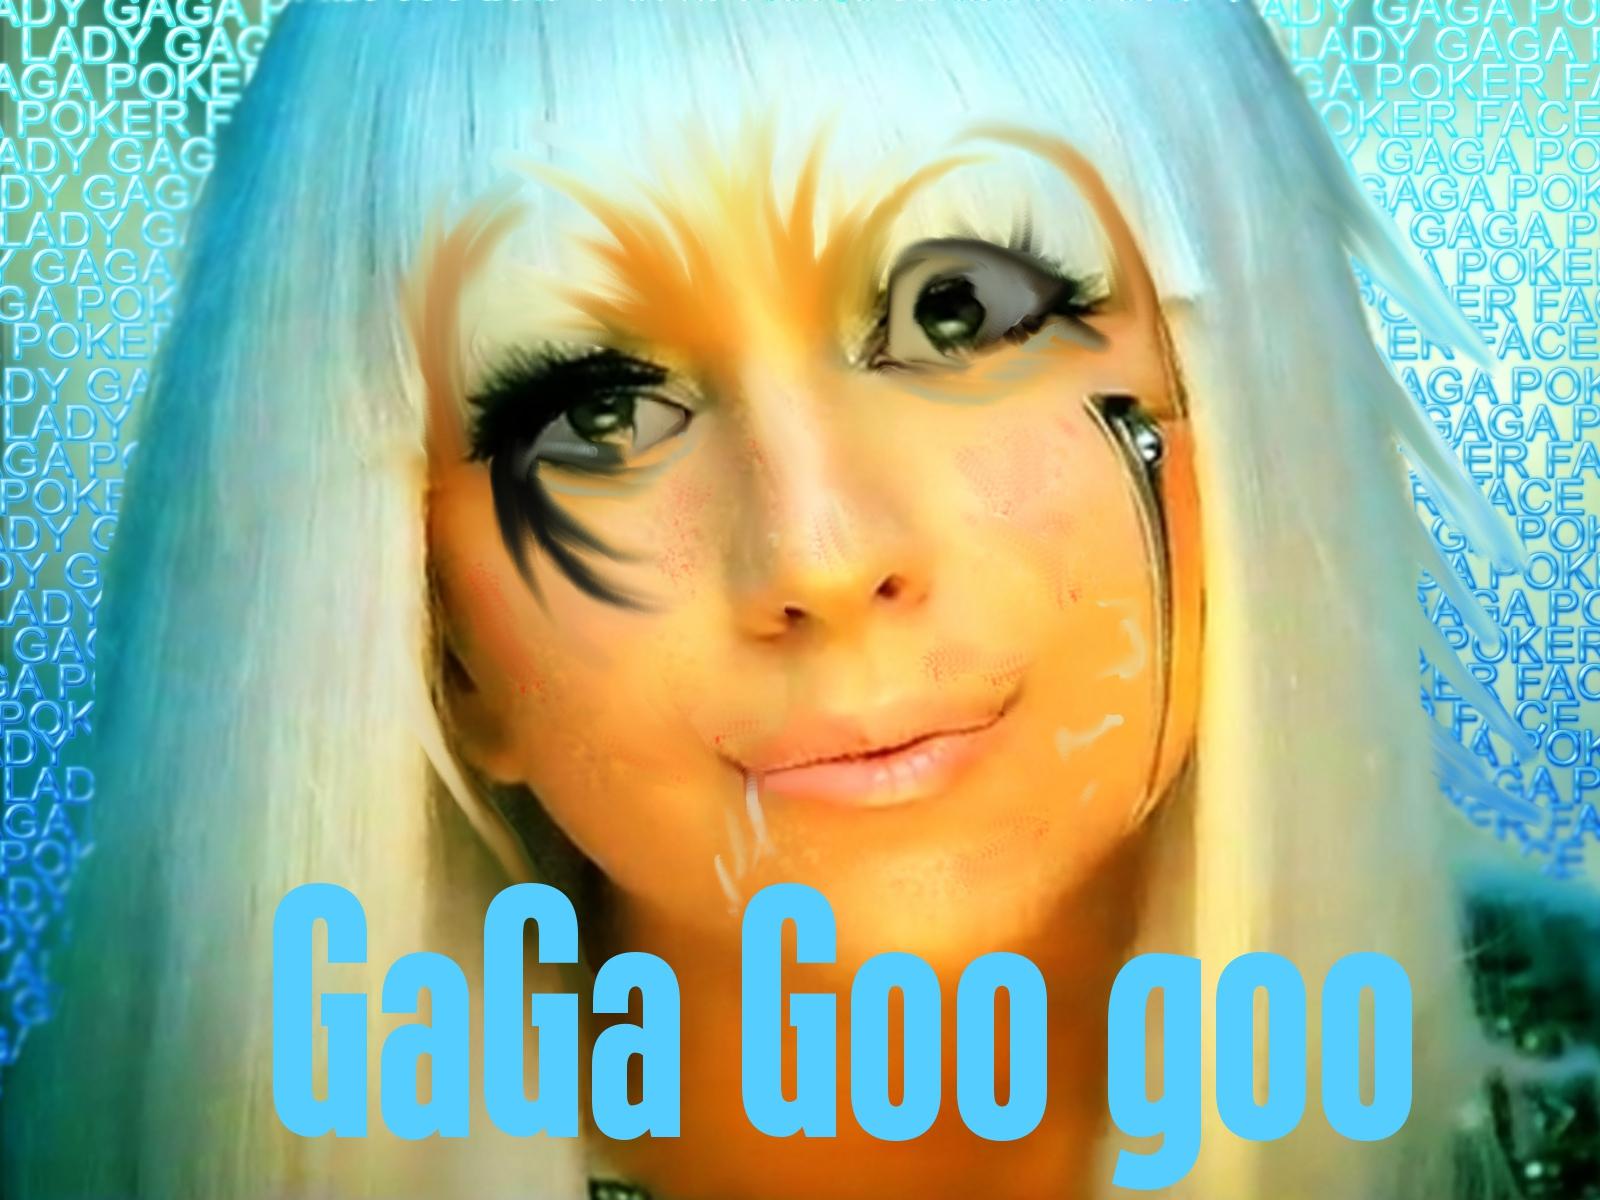 http://4.bp.blogspot.com/-aA3hNkOP3QY/TaVs5BL1JWI/AAAAAAAAAGs/fFz_QBm9Yqc/s1600/lady-gaga-lady-gaga-goo+ga-zombie.jpg